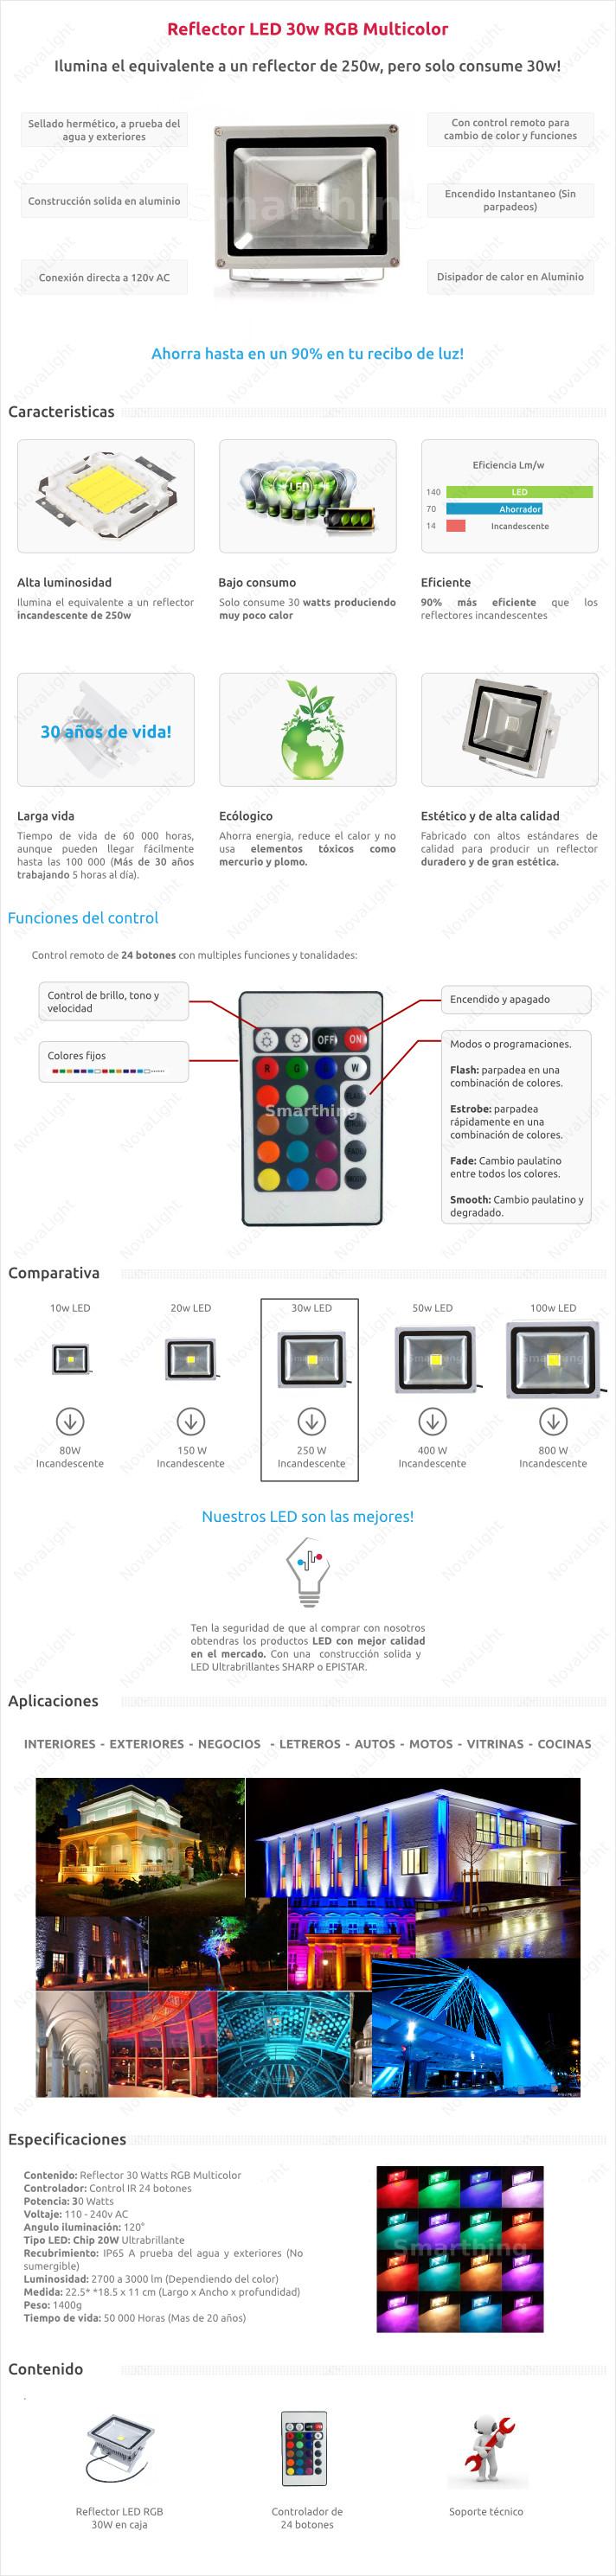 Descripción de reflector LED RGB de 30w con control para cambio de color y de funciones